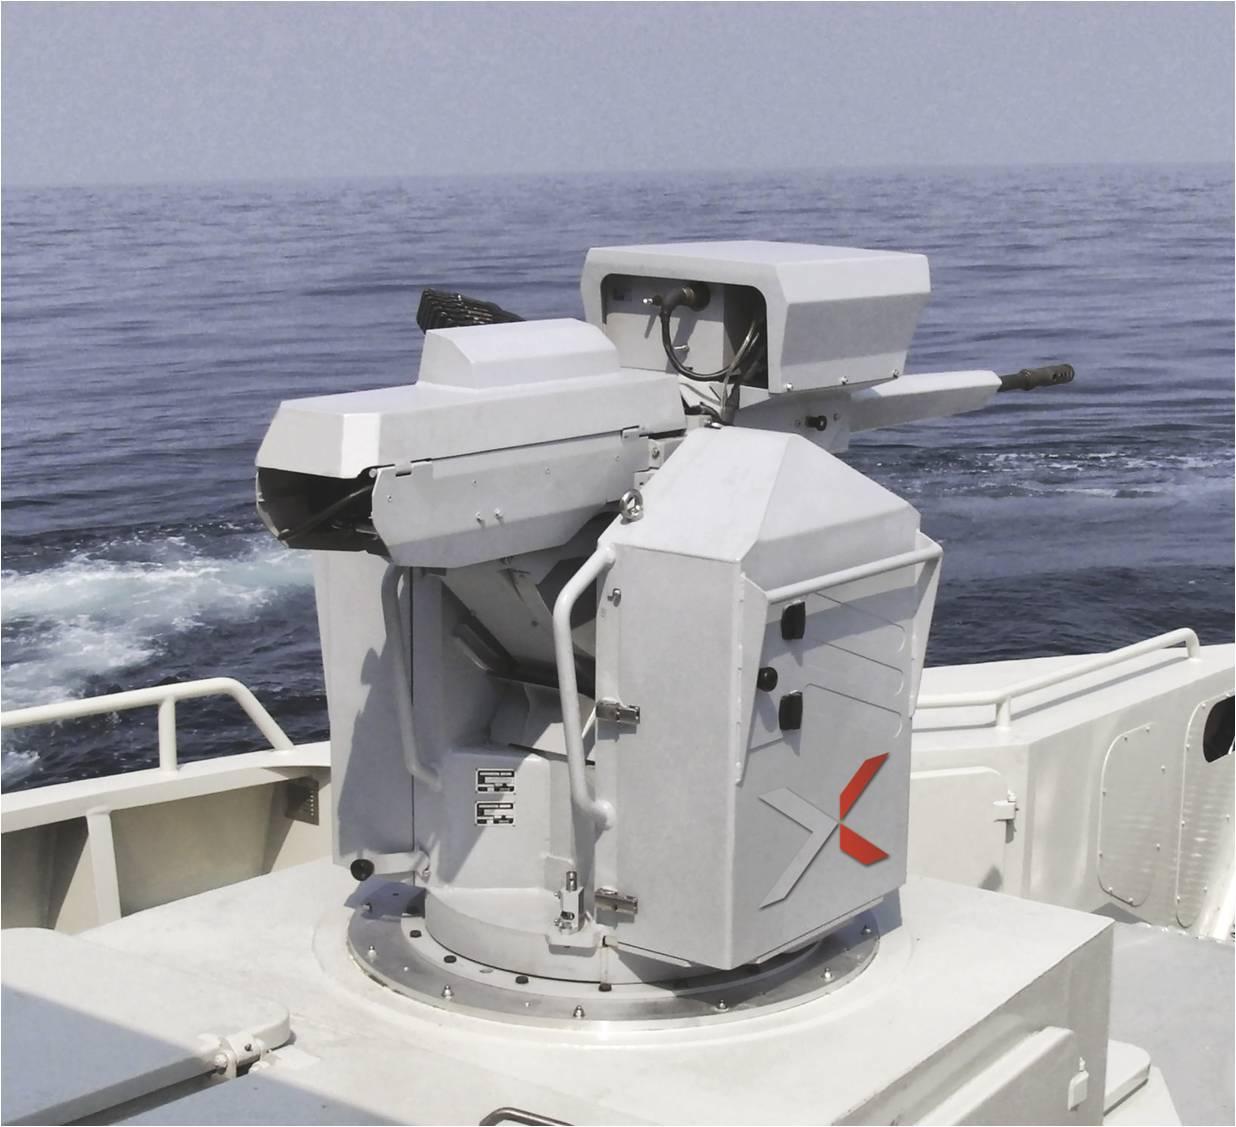 المغرب يتعاقد على سفينة الانزال و الدعم اللوجيستي LCT M50 Nexter_narwhal